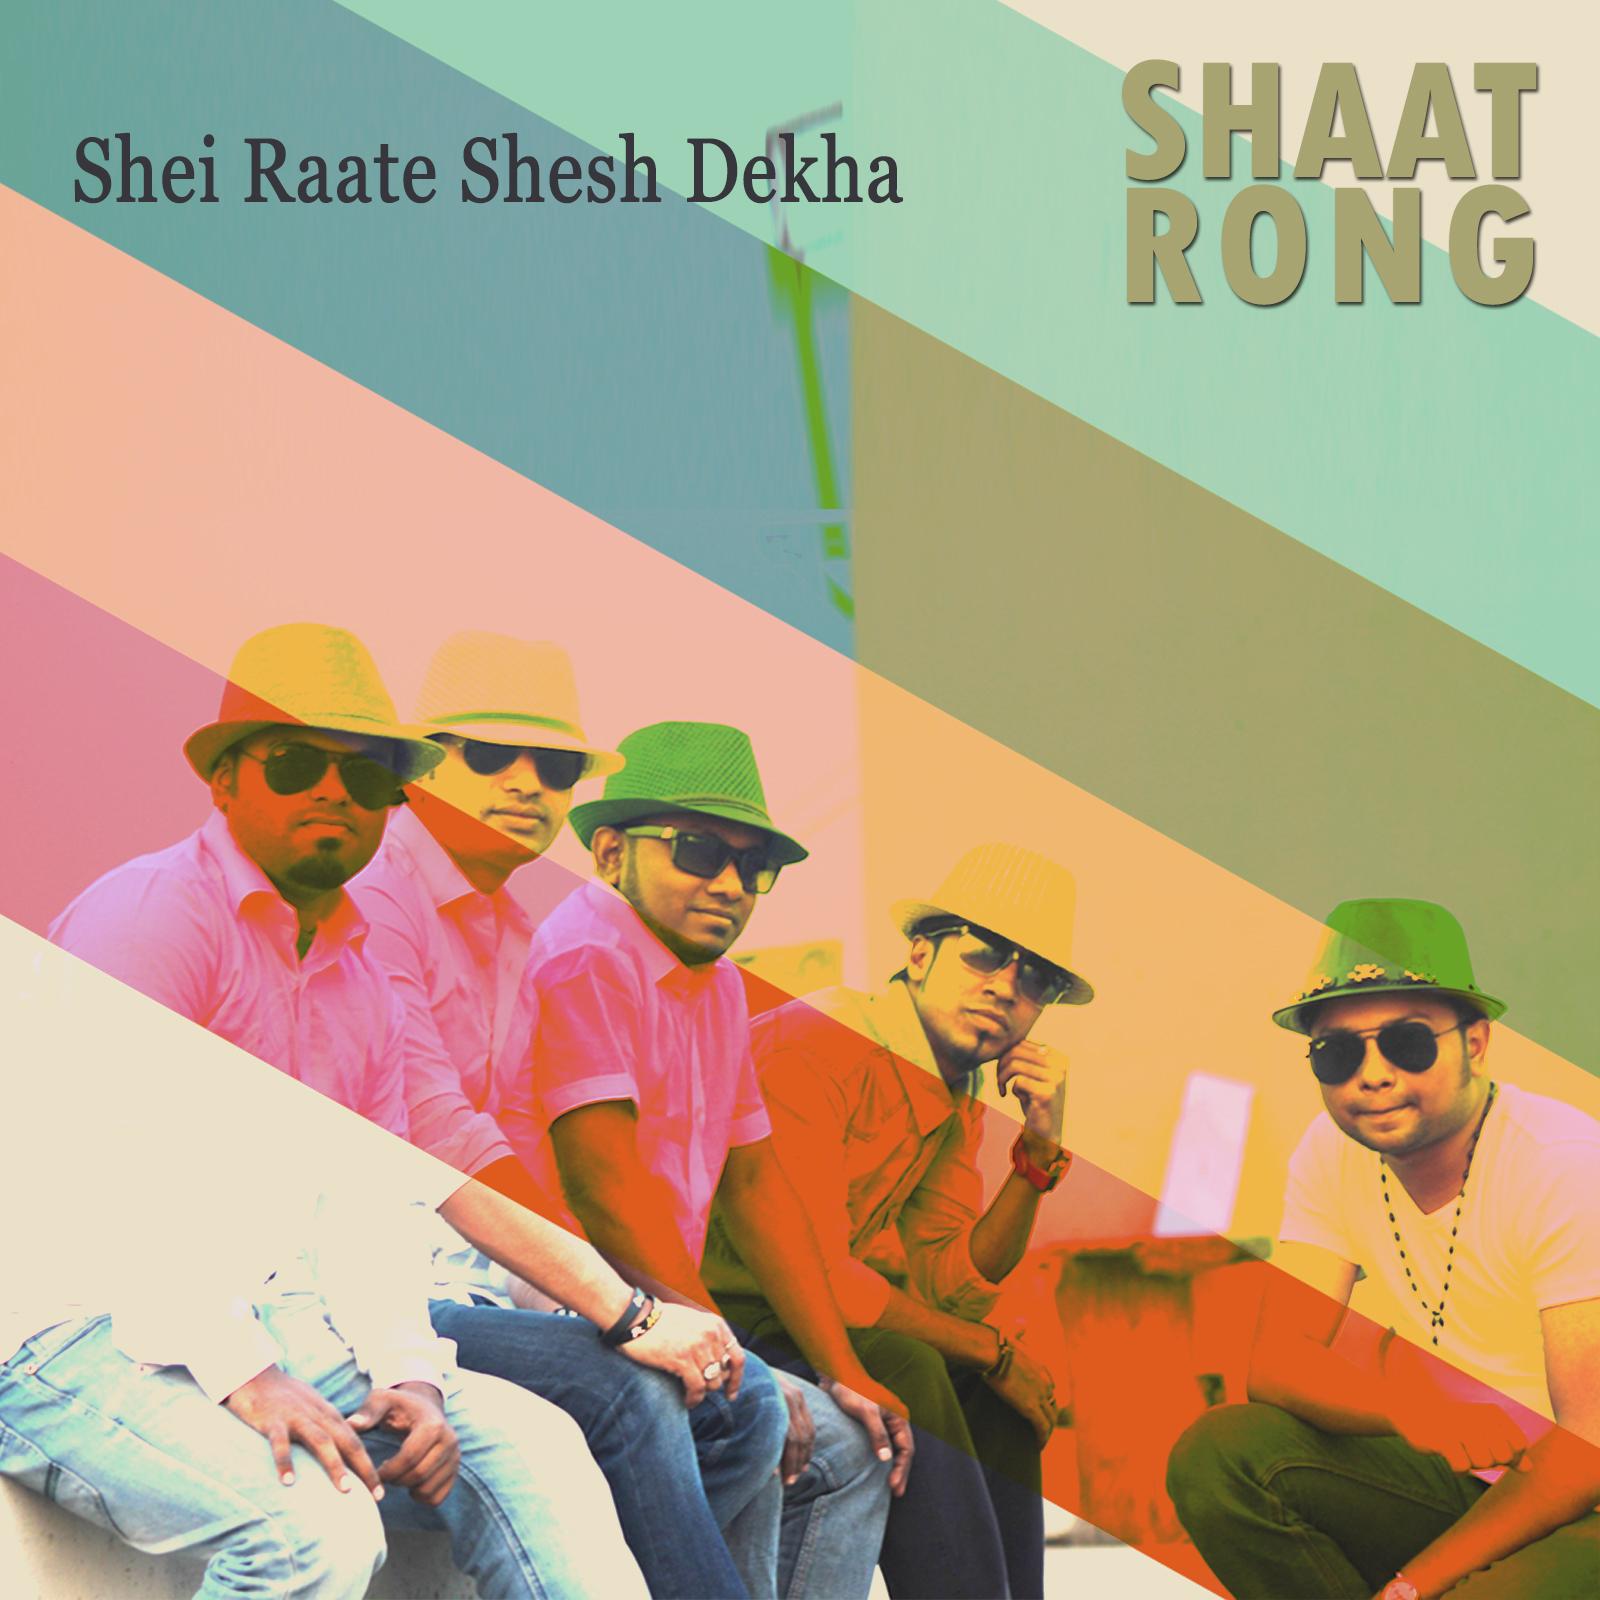 Shaat Rong